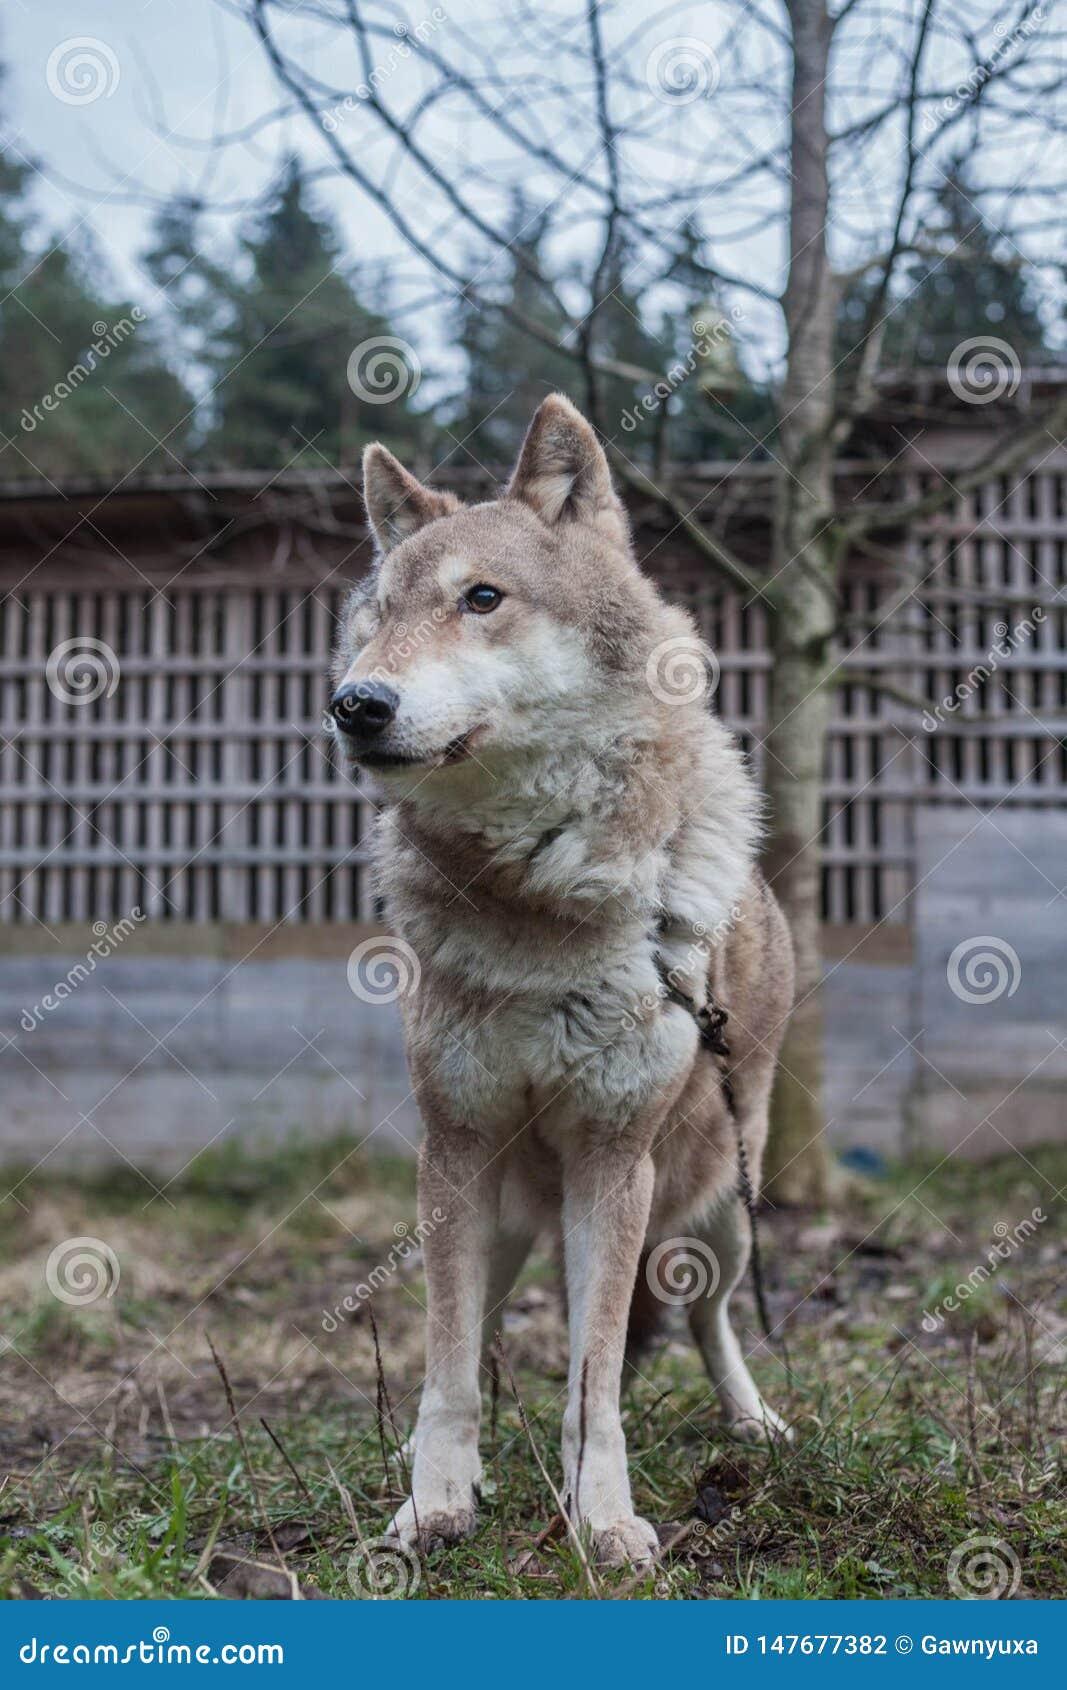 Loup, animal sauvage, loup gris, bête